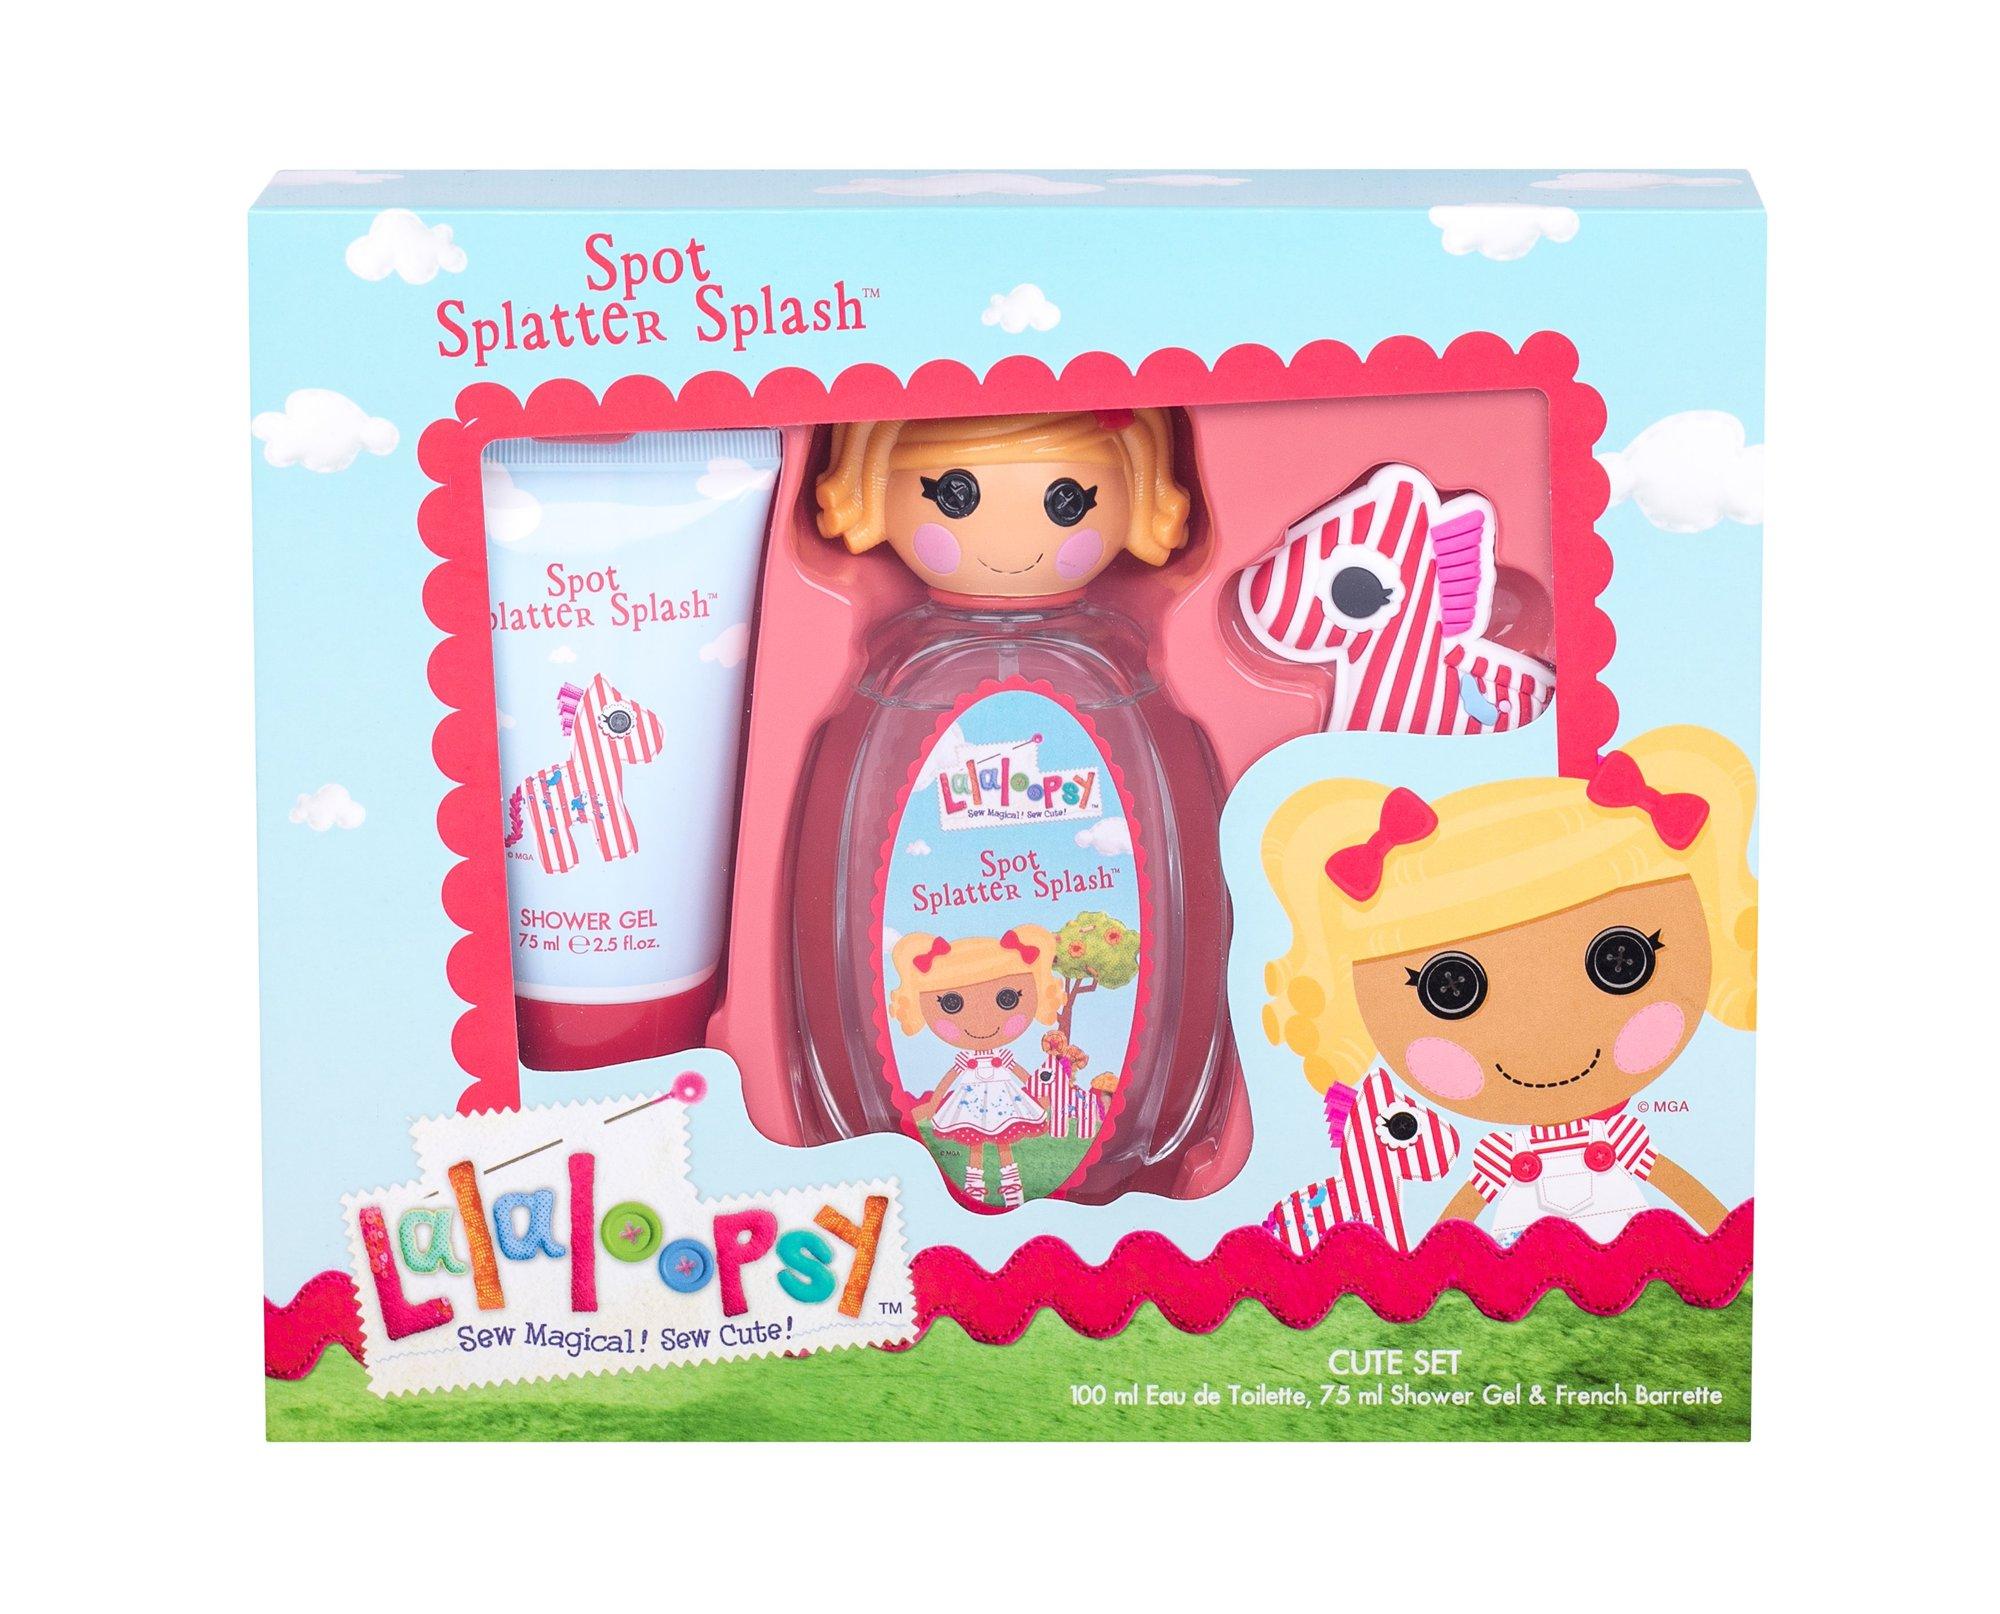 Lalaloopsy Spot Splatter Splash Eau de Toilette 100ml